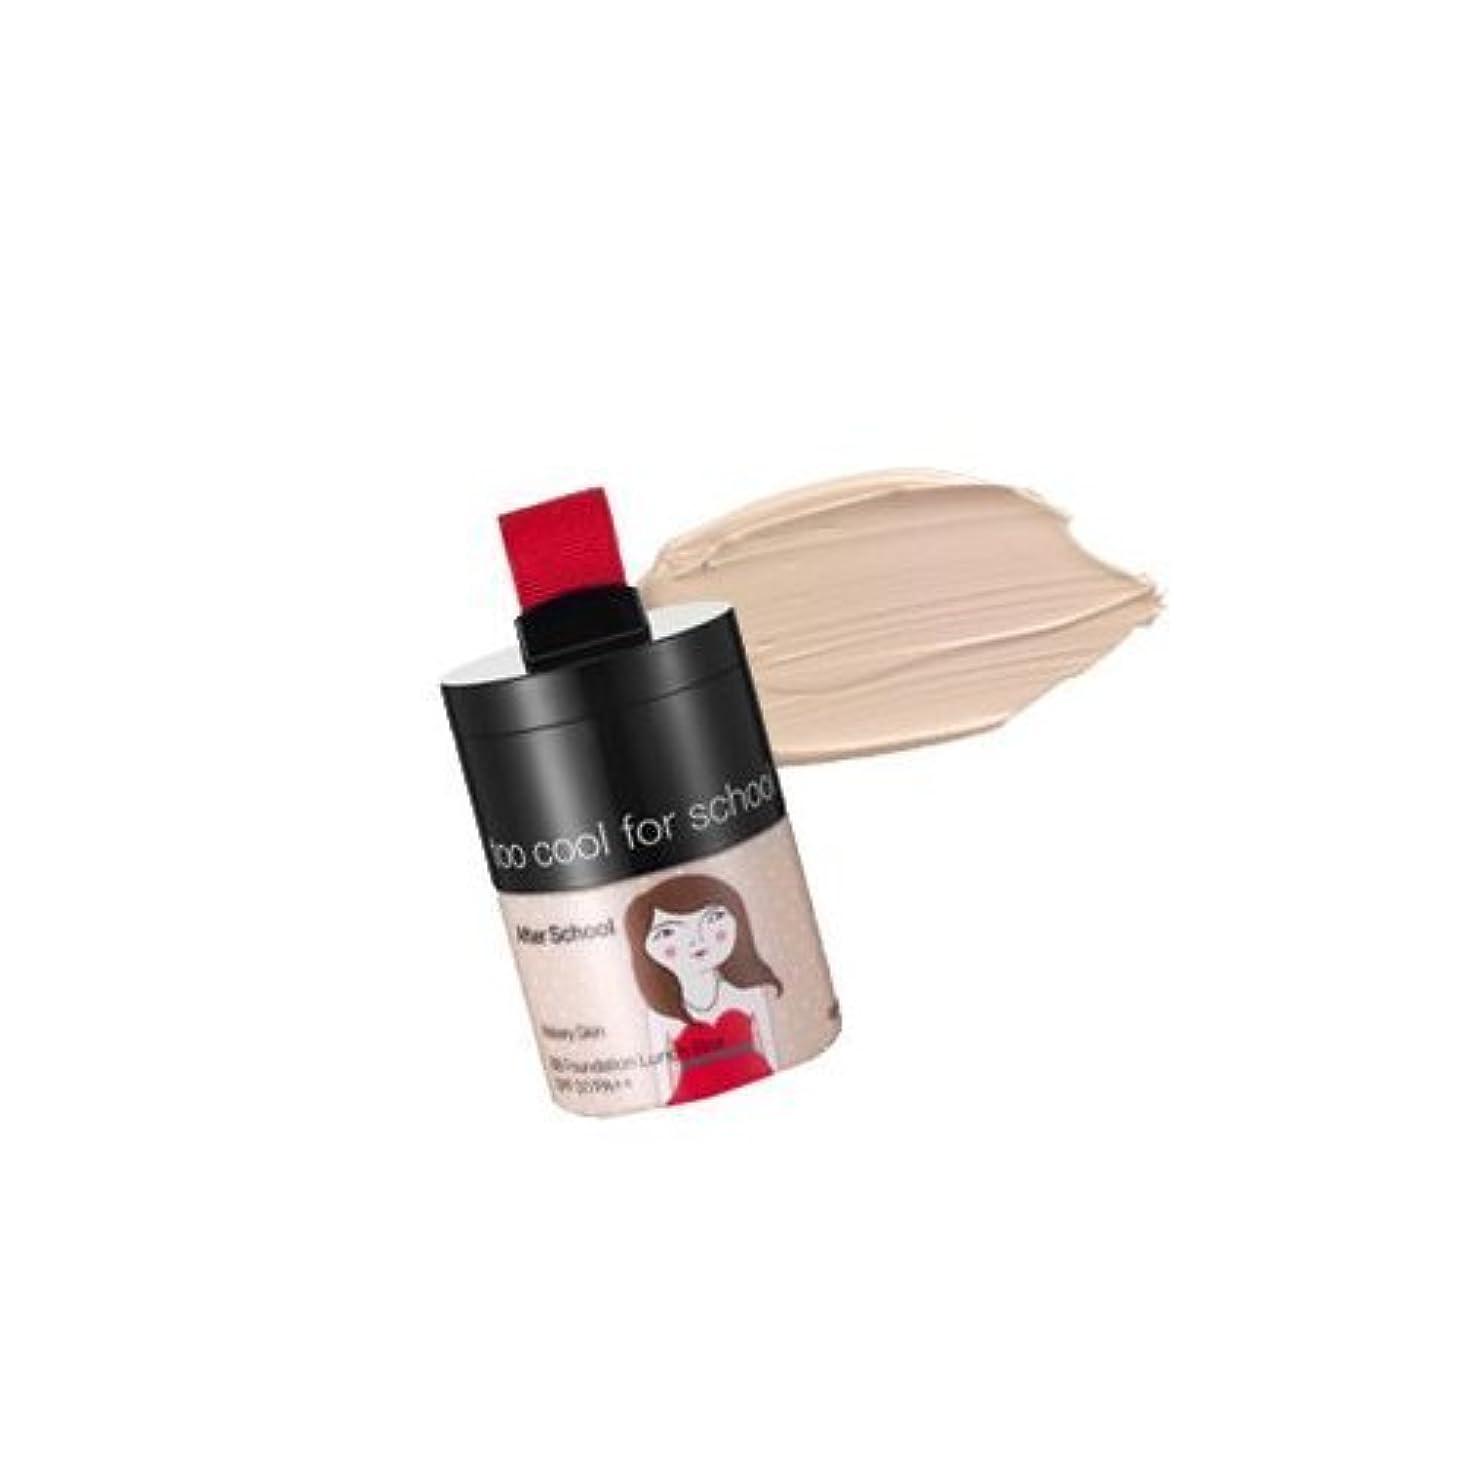 変更可能失速いくつかのTOO COOL FOR SCHOOL After School BB Foundation Lunch Box 01 Matte Skin (並行輸入品)